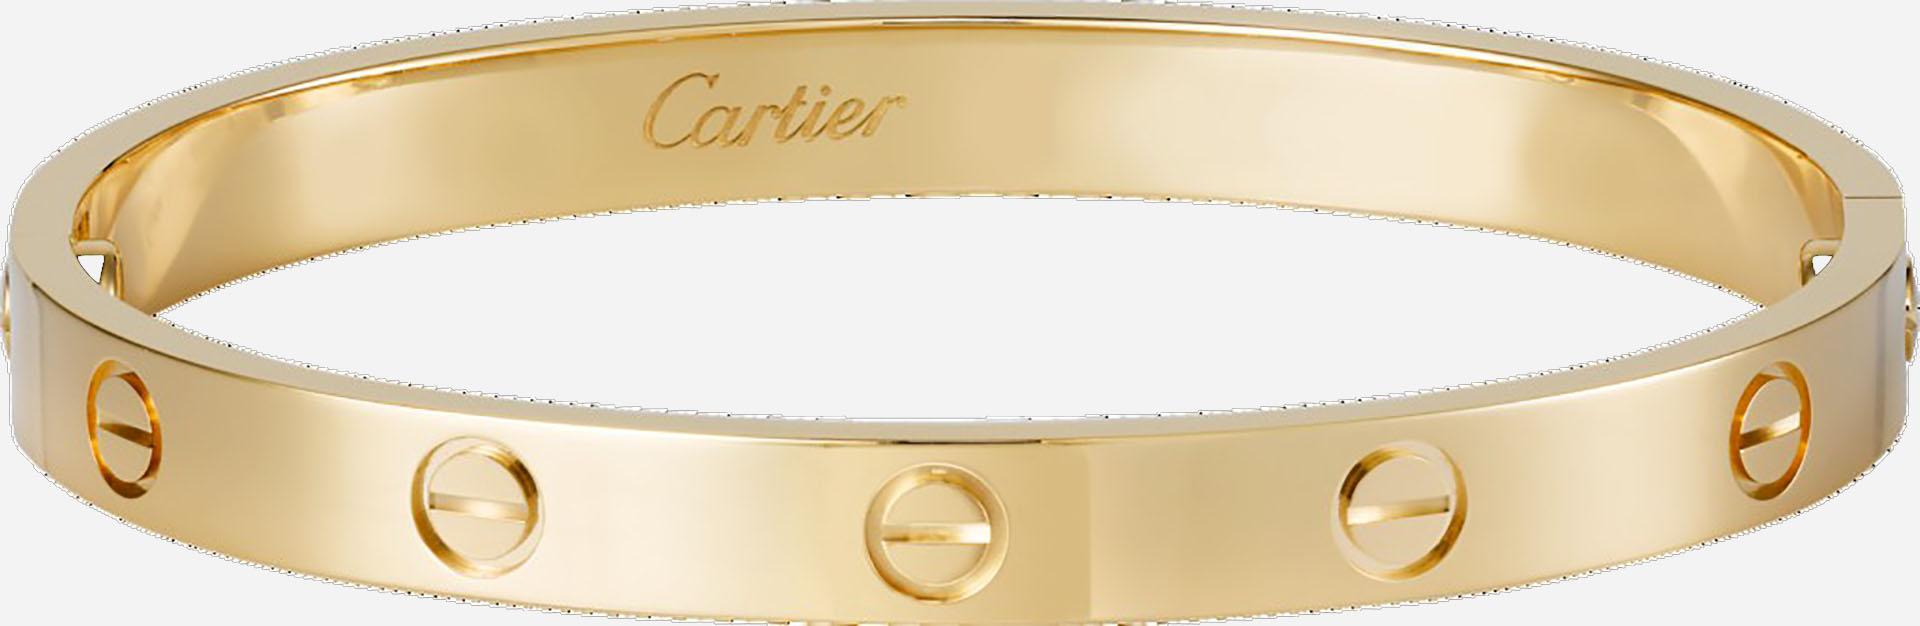 """Cartier es una de las marcas de joyería más importantes del mundo. Estas esclavas pertenecen a la línea """"Love"""" de la colección """"Cartier Classic"""". En oro amarillo de 18 kilates, es una de las más vendidas a nivel mundial. Esta colección empezó en 1970 y nunca más paró (Cartier)"""